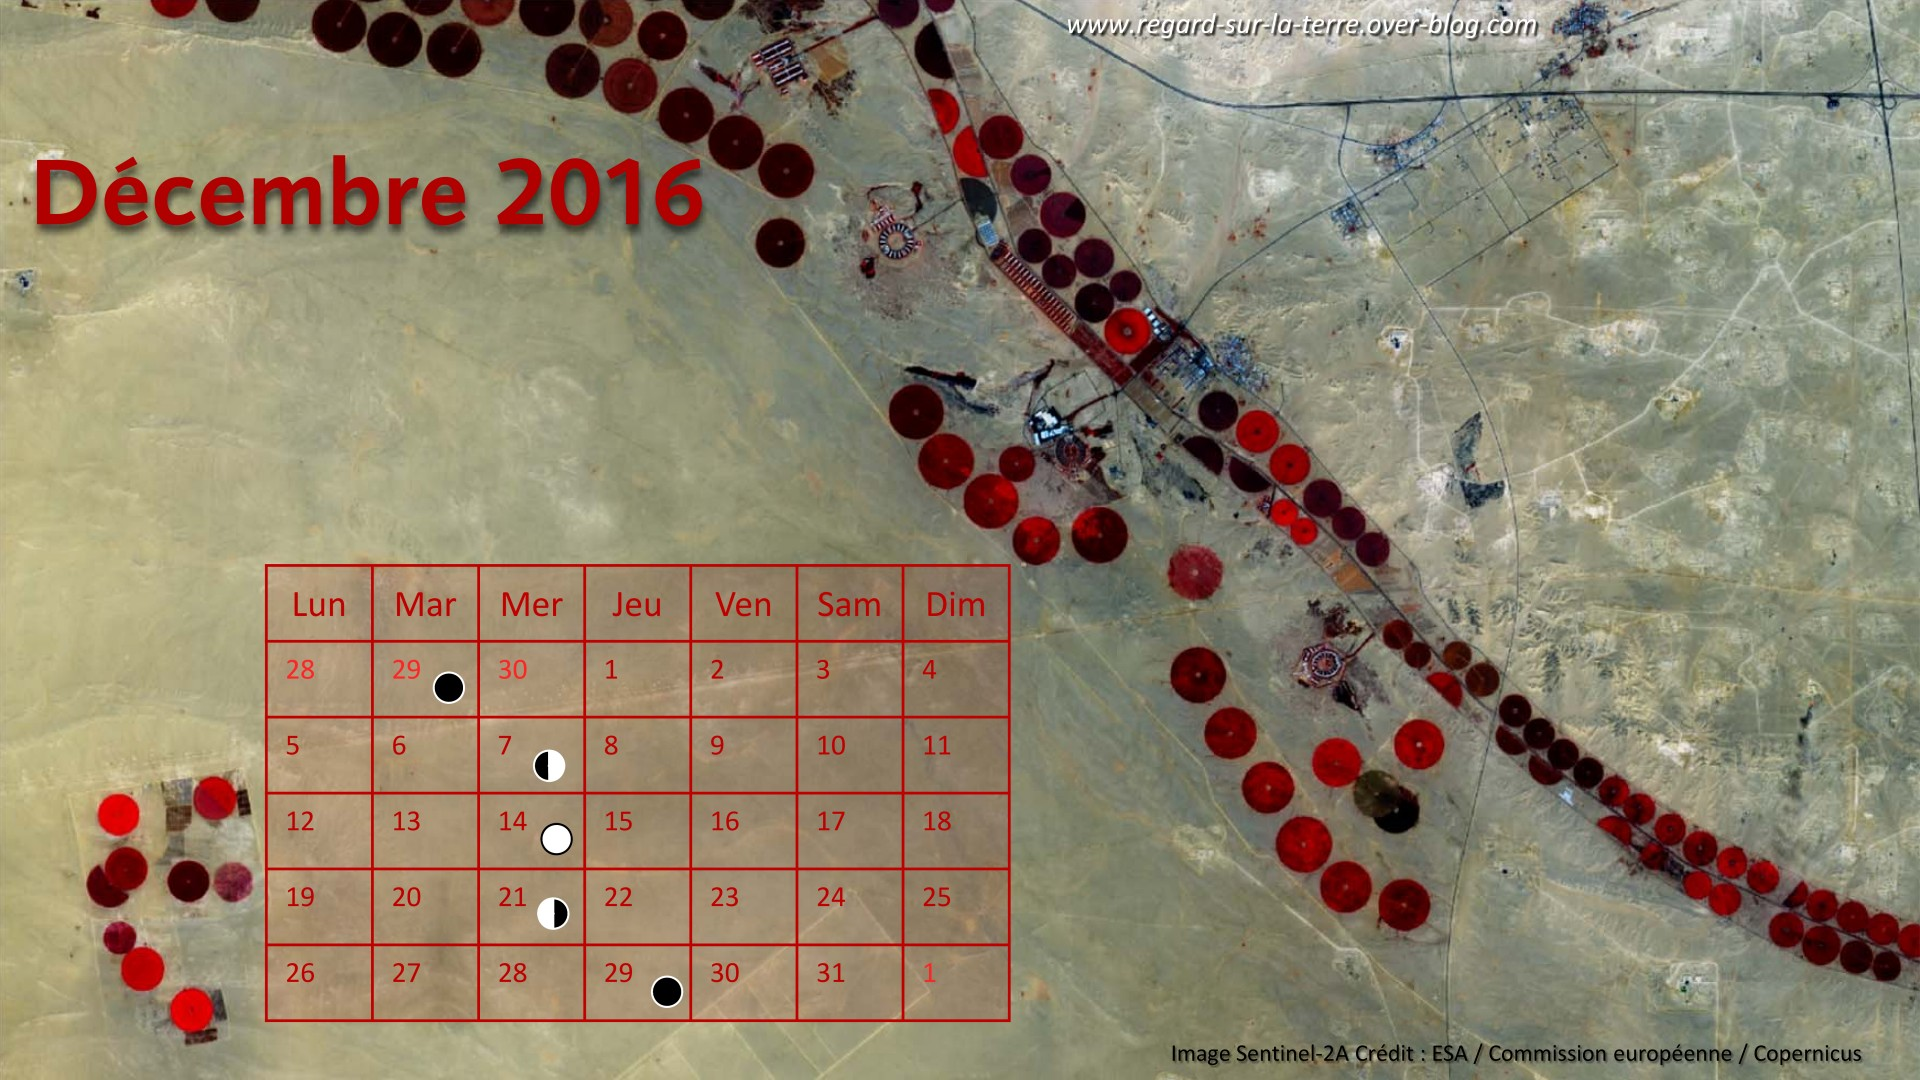 Calendrier spatial et astronomique - Décembre 2016 - Agriculture - Irrigation - Arabie Saoudite - Sentinel-2A - ESA - Copernicus - Commission européenne